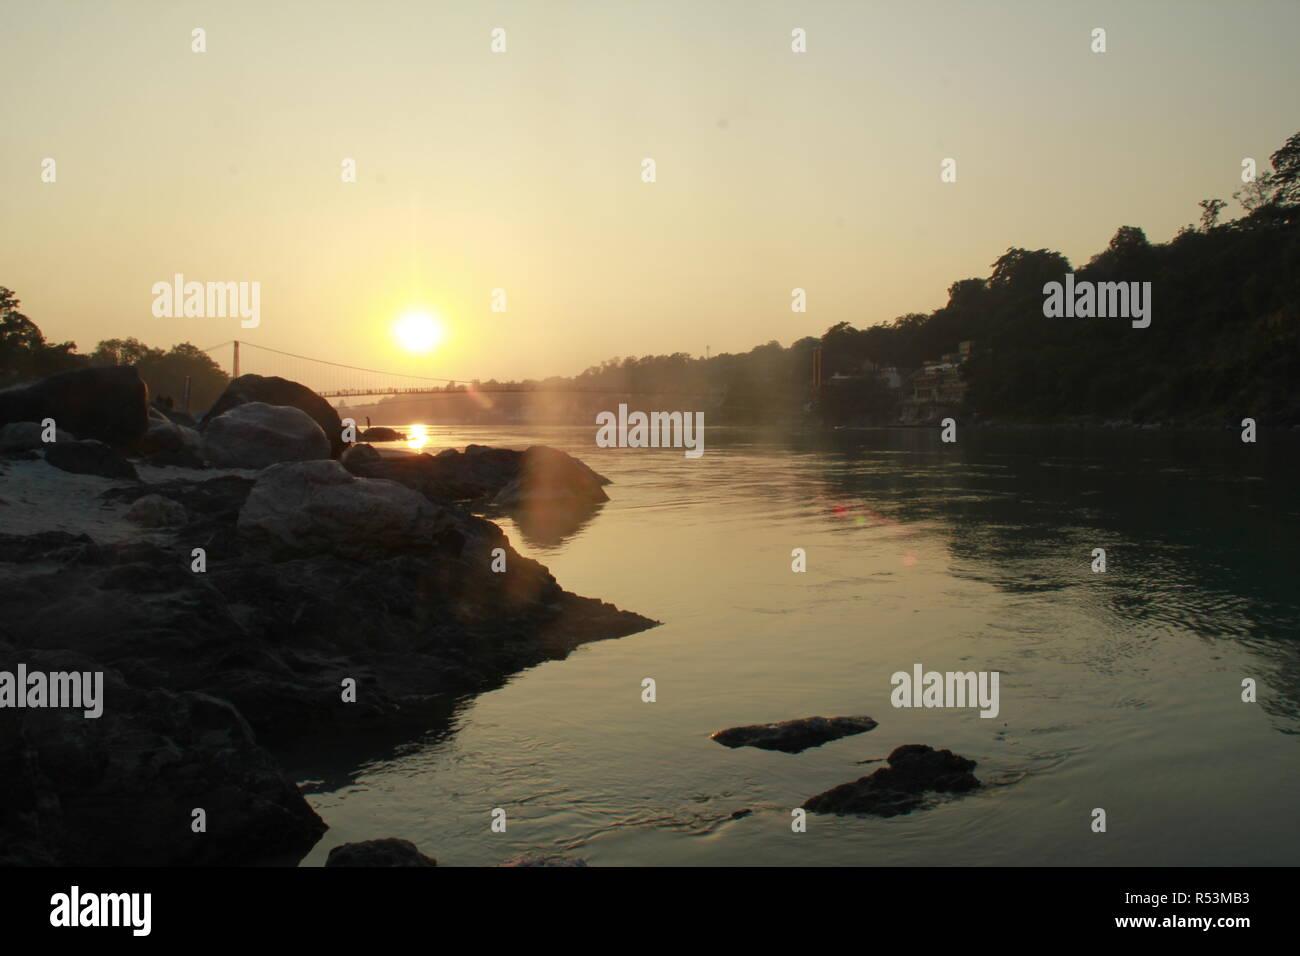 La vida en Rishikesh en los bancos del río Ganga Imagen De Stock